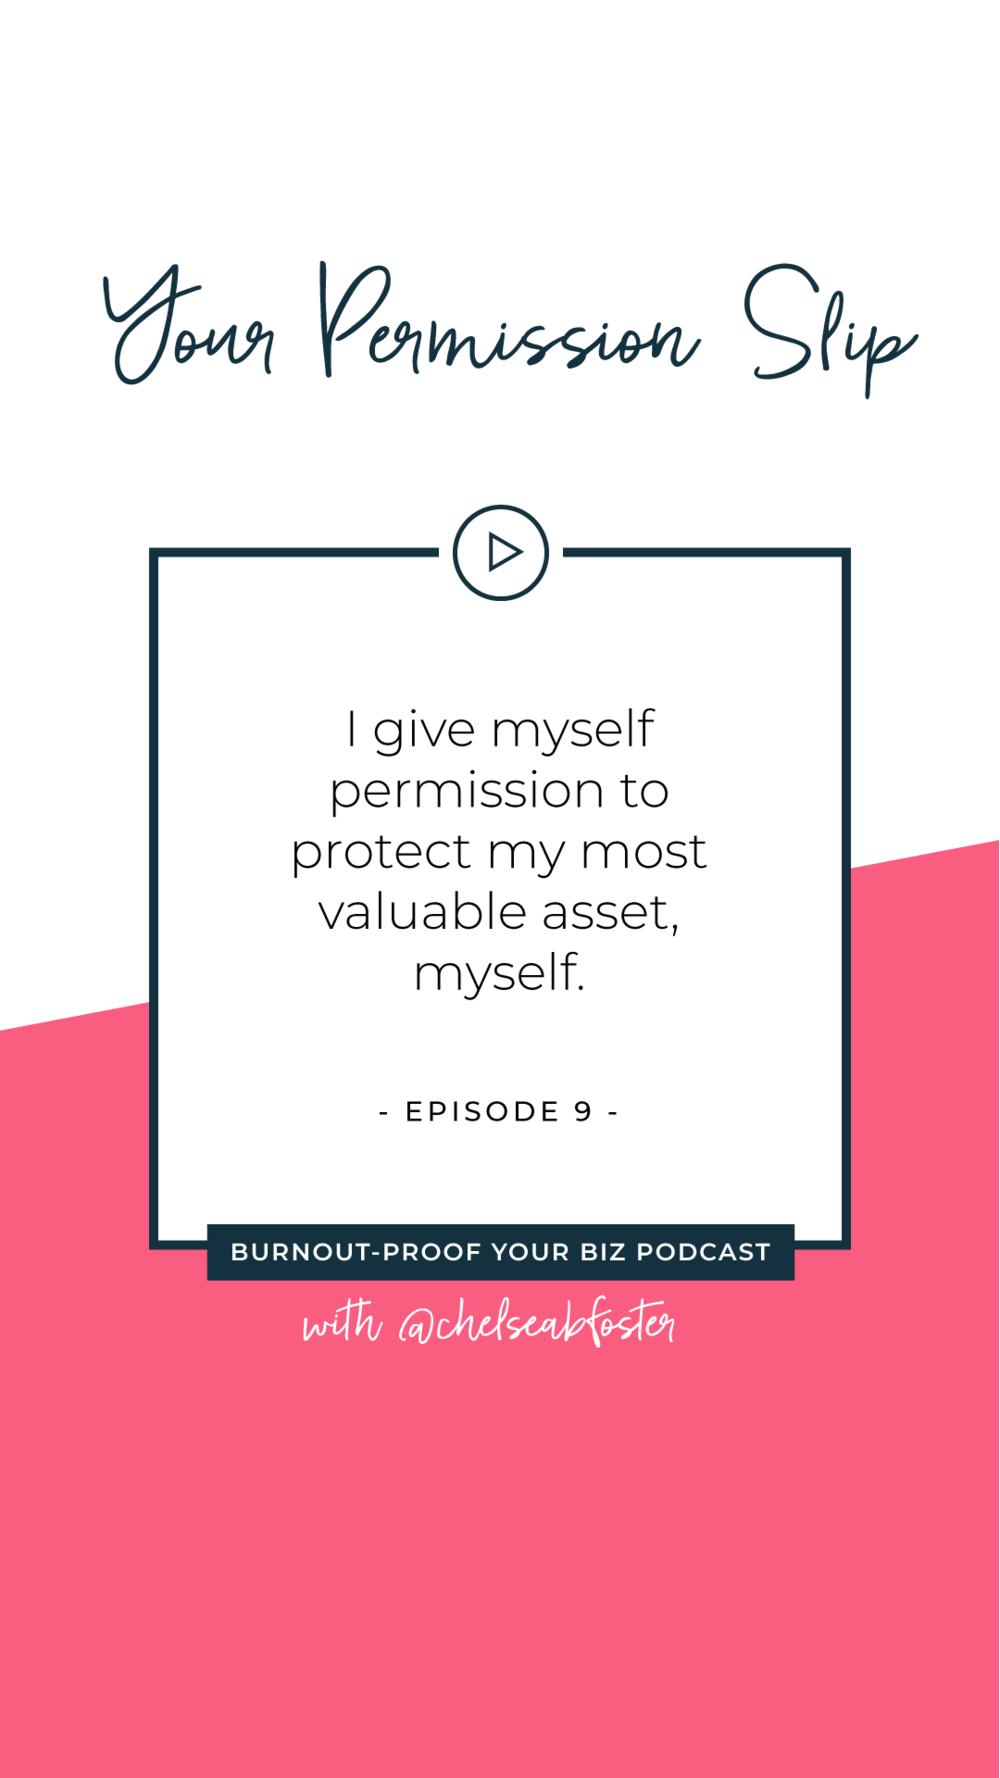 Your Permission Slip | Episode 9 of Burnout-Proof Your Biz with Chelsea B Foster | Listen at www.burnoutproofyourbiz.com.